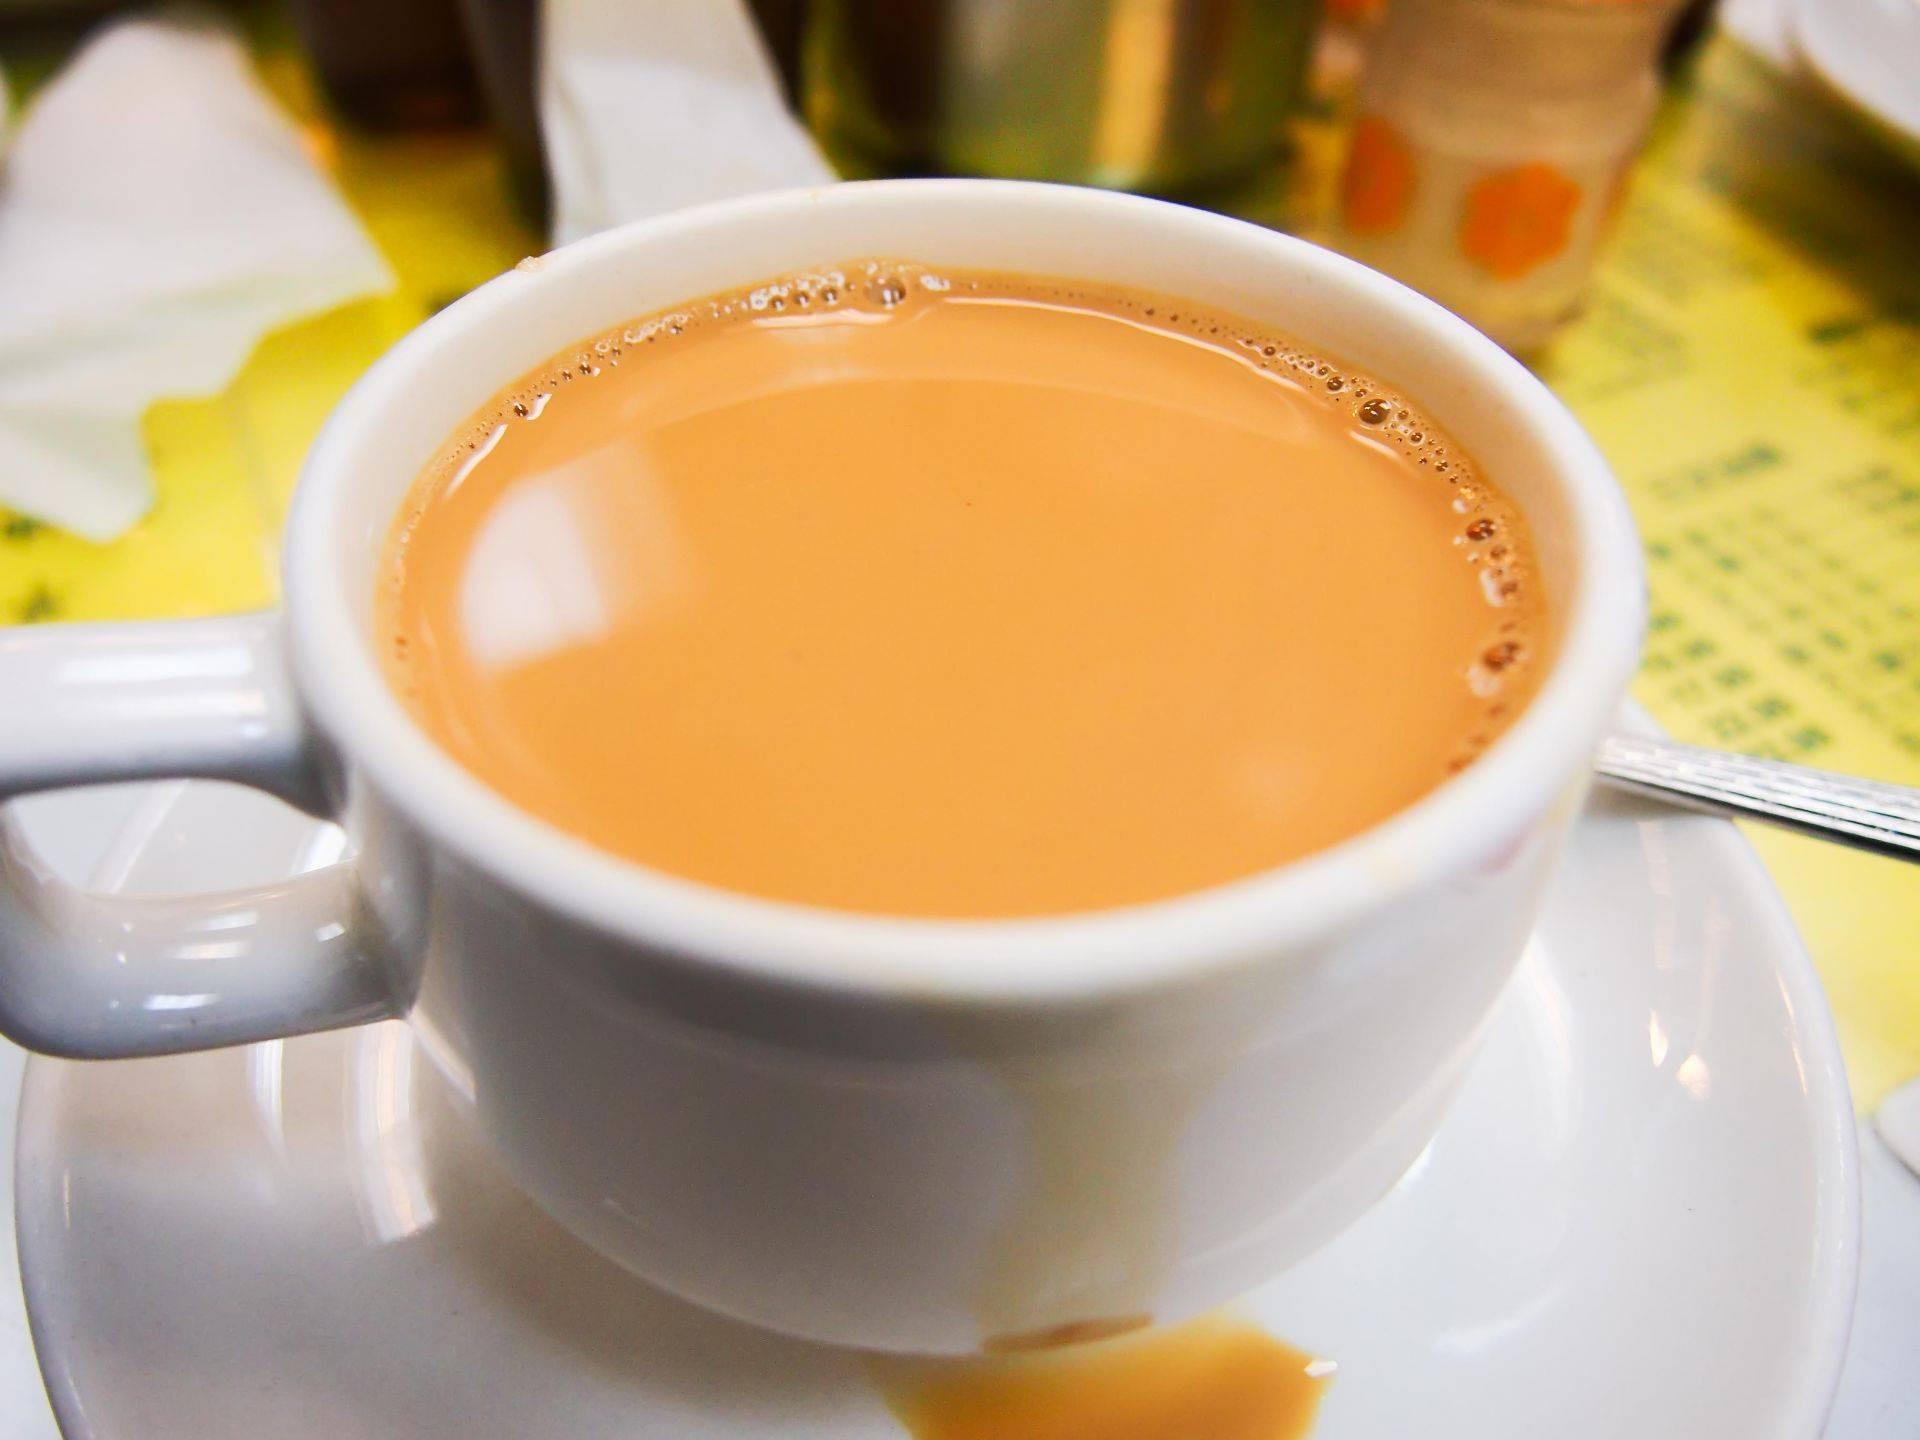 Чай с молоком: польза и вред, как употреблять и какие полезные свойства